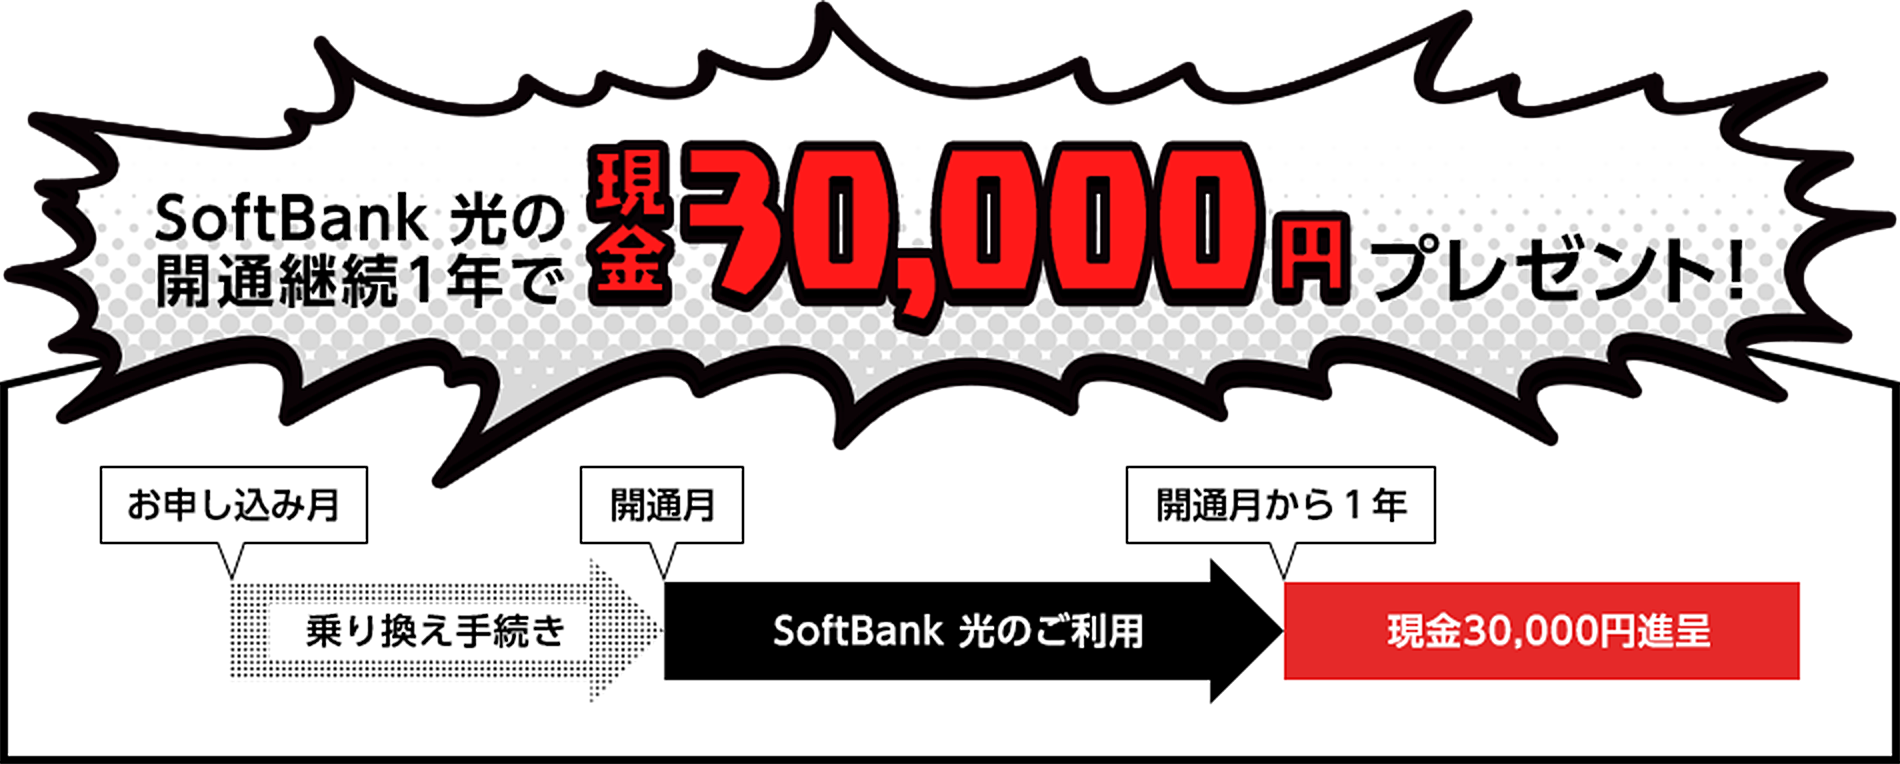 SoftBank 光の開通継続1年で現金30,000円をプレゼント!